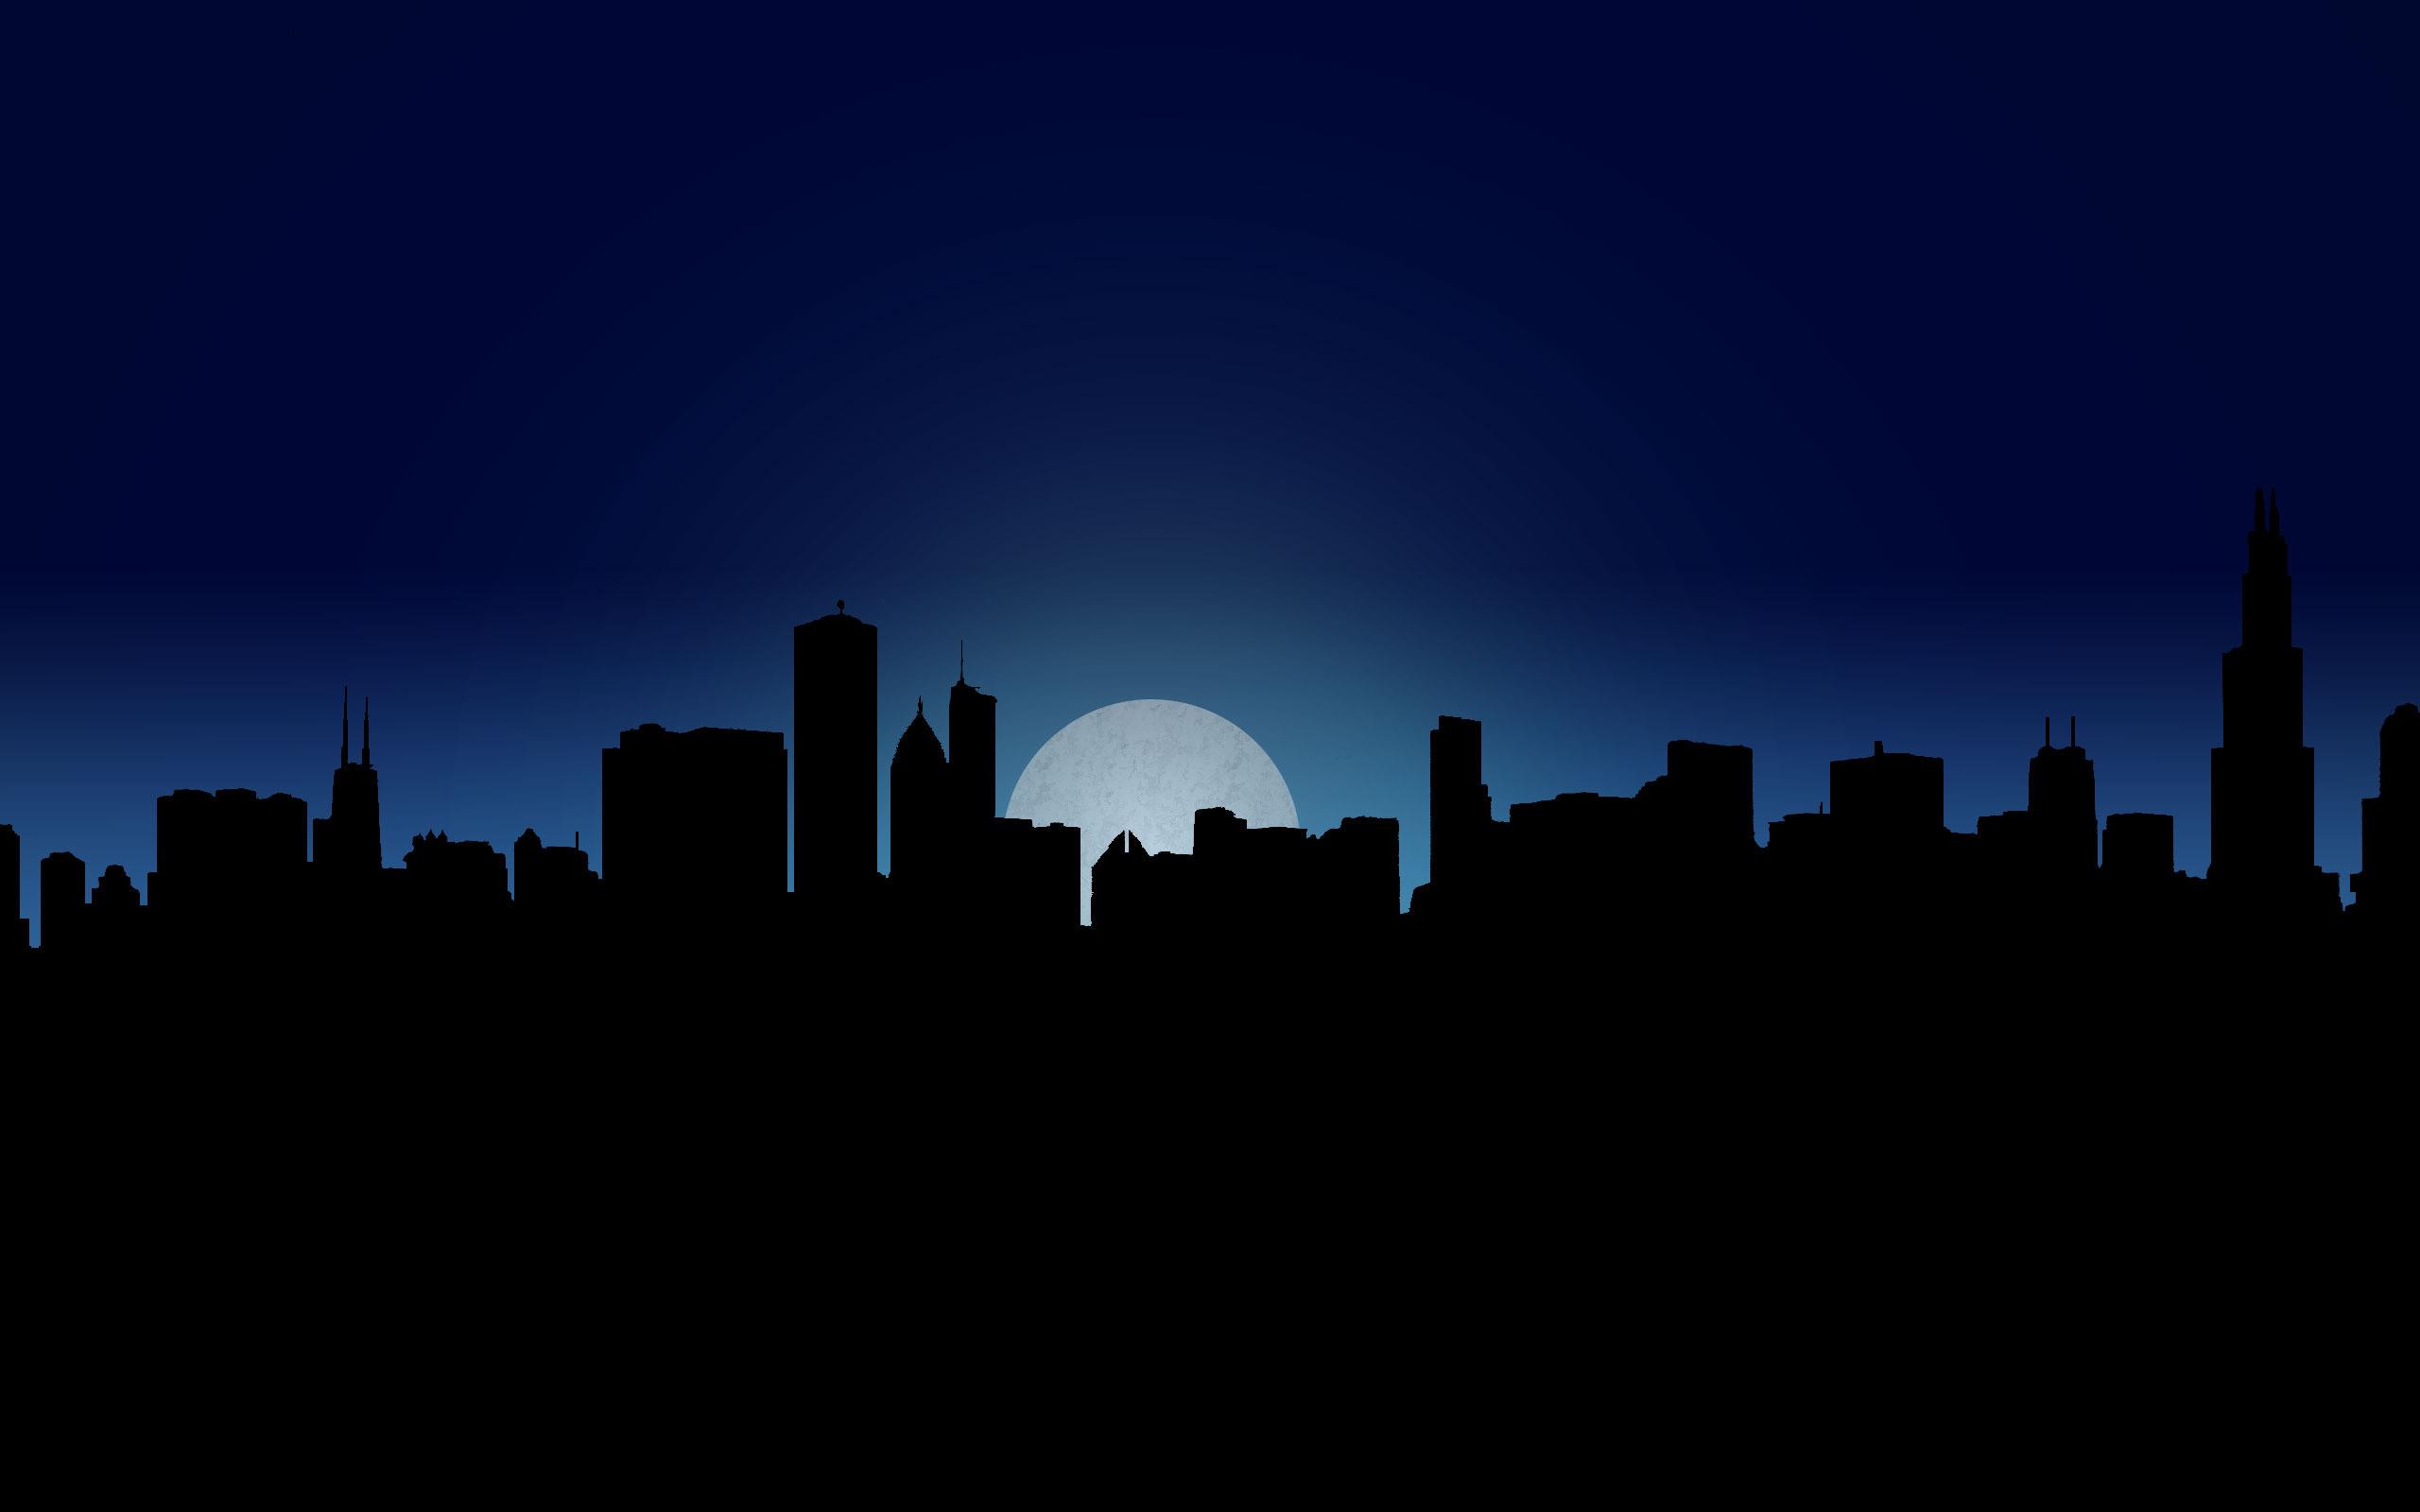 Dark City 2560x1600